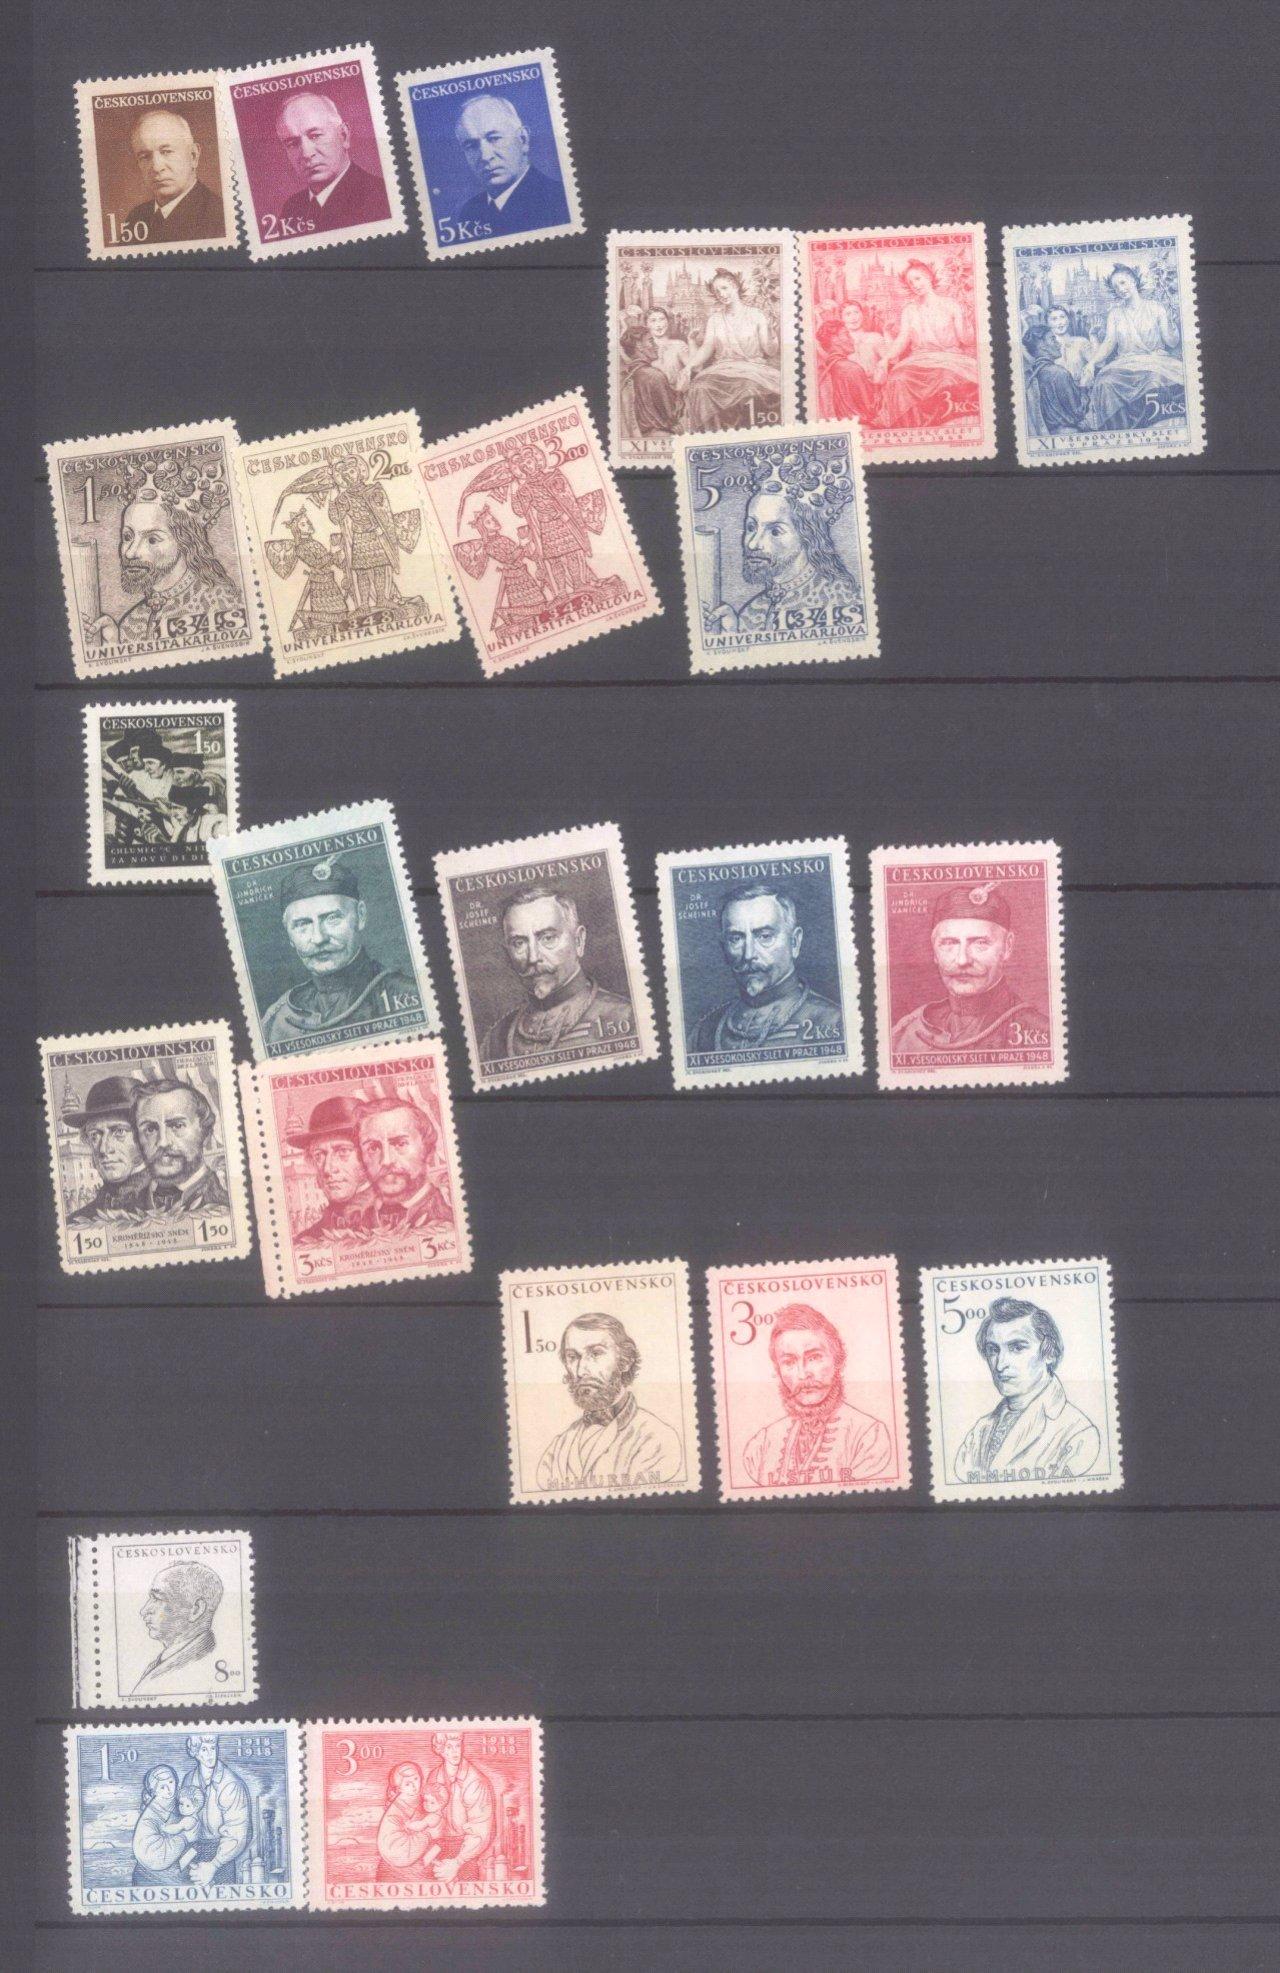 Sammlung CSSR in 6 Alben, dabei auch Bogen-6